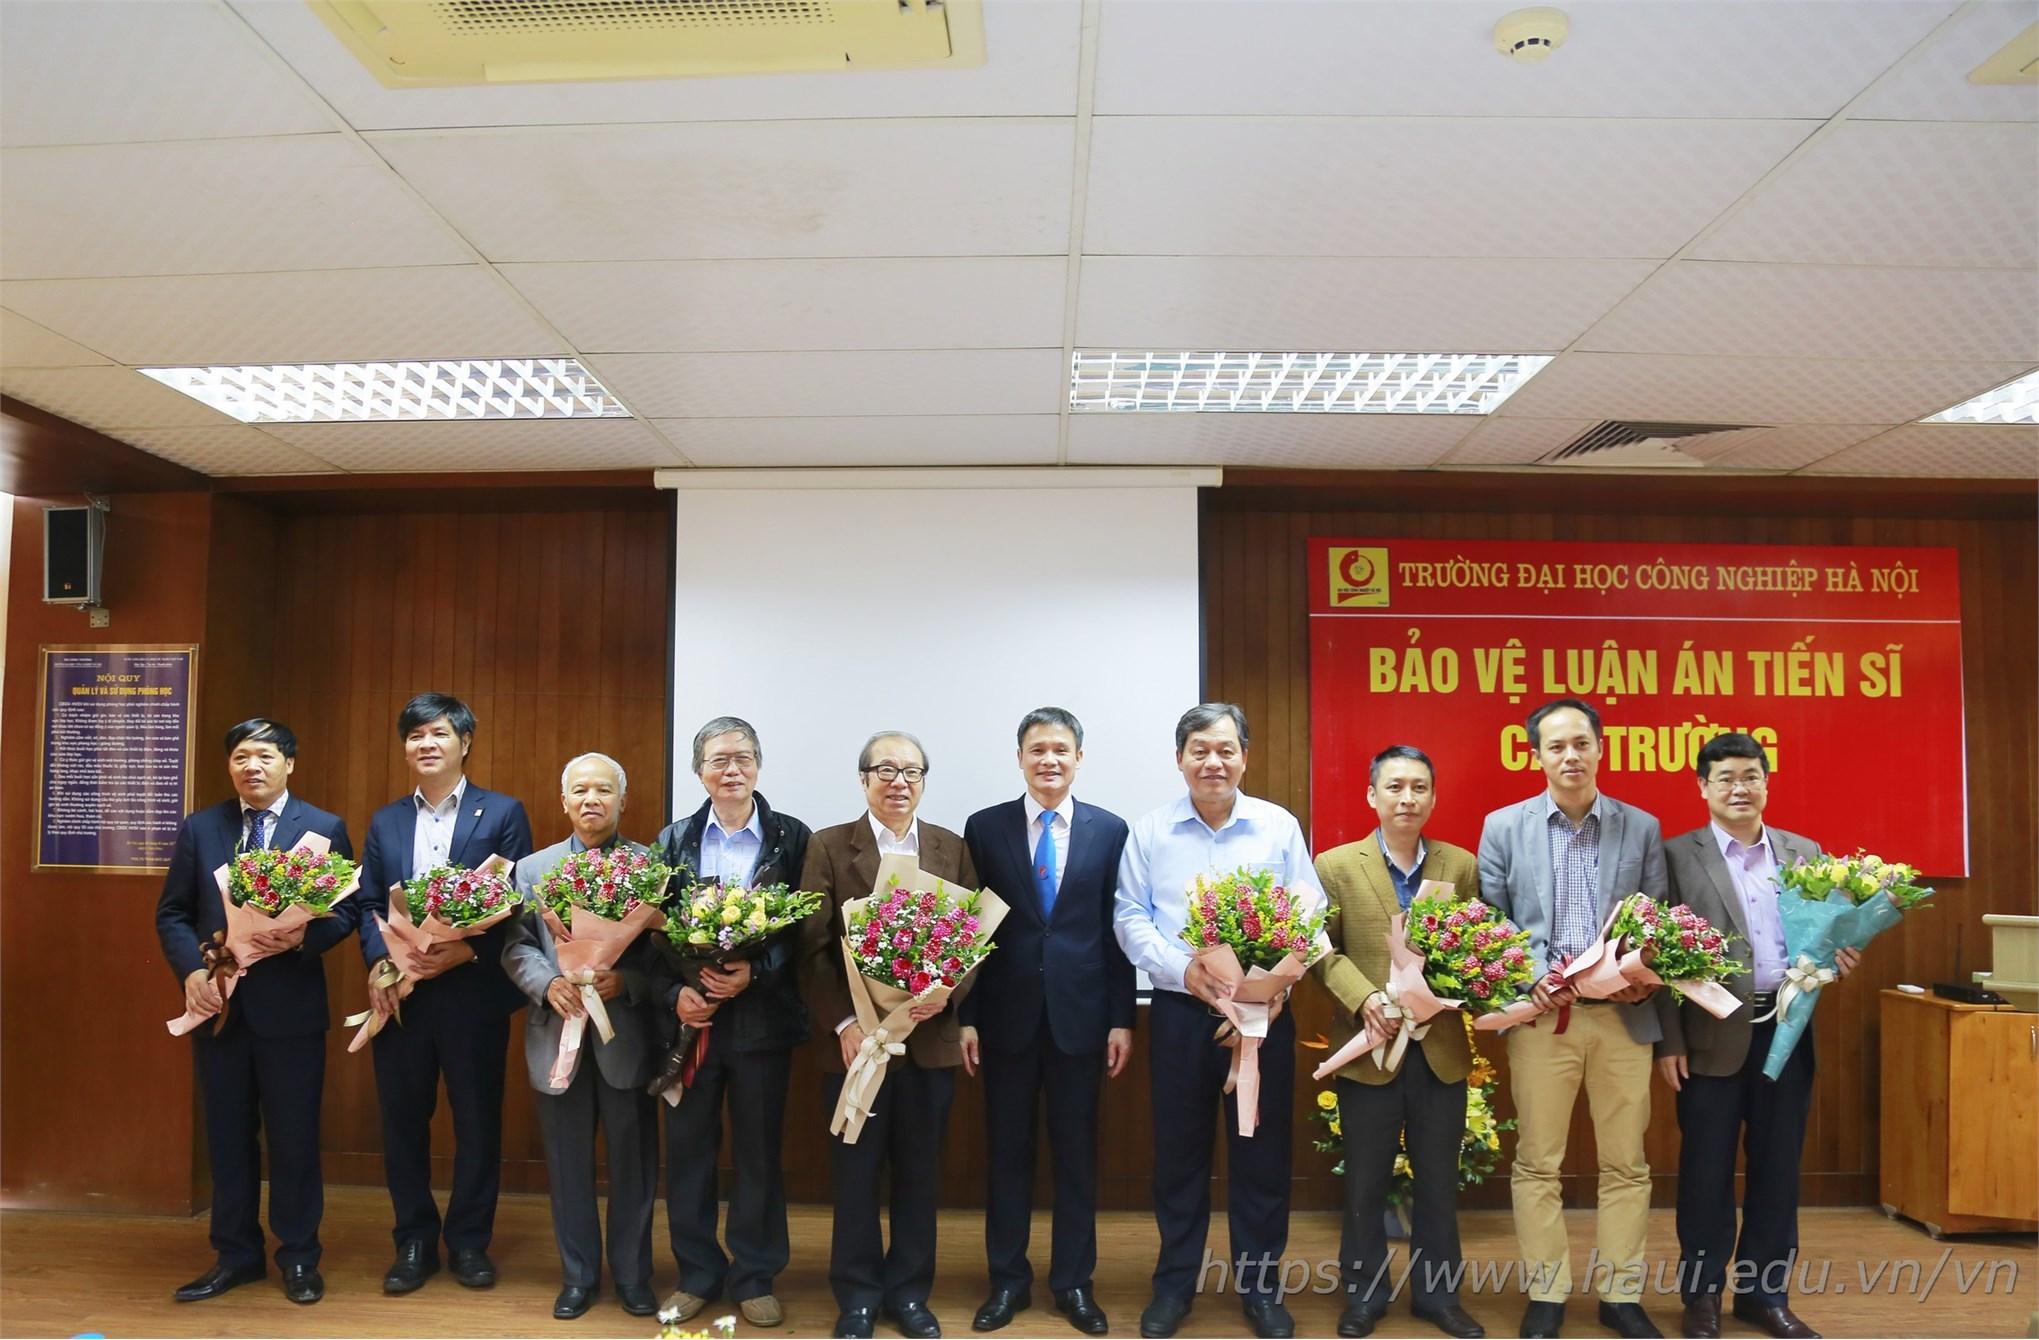 Hội đồng chúc mừng NCS Nguyễn Văn Đức bảo vệ thành công Luận án Tiến sĩ cấp trường